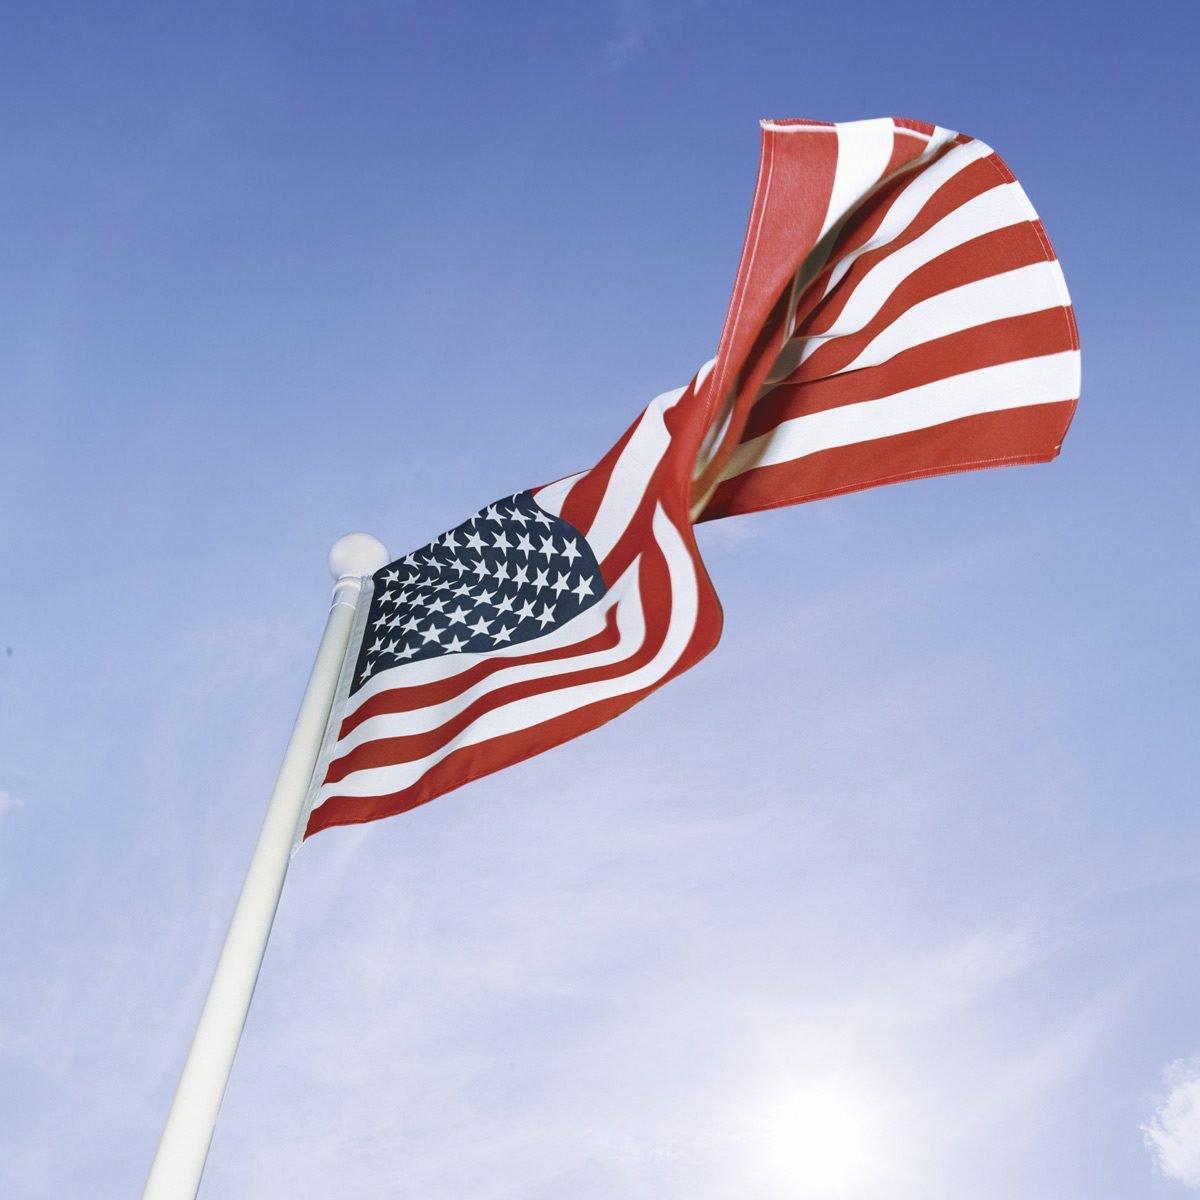 fly the flag | the family handyman